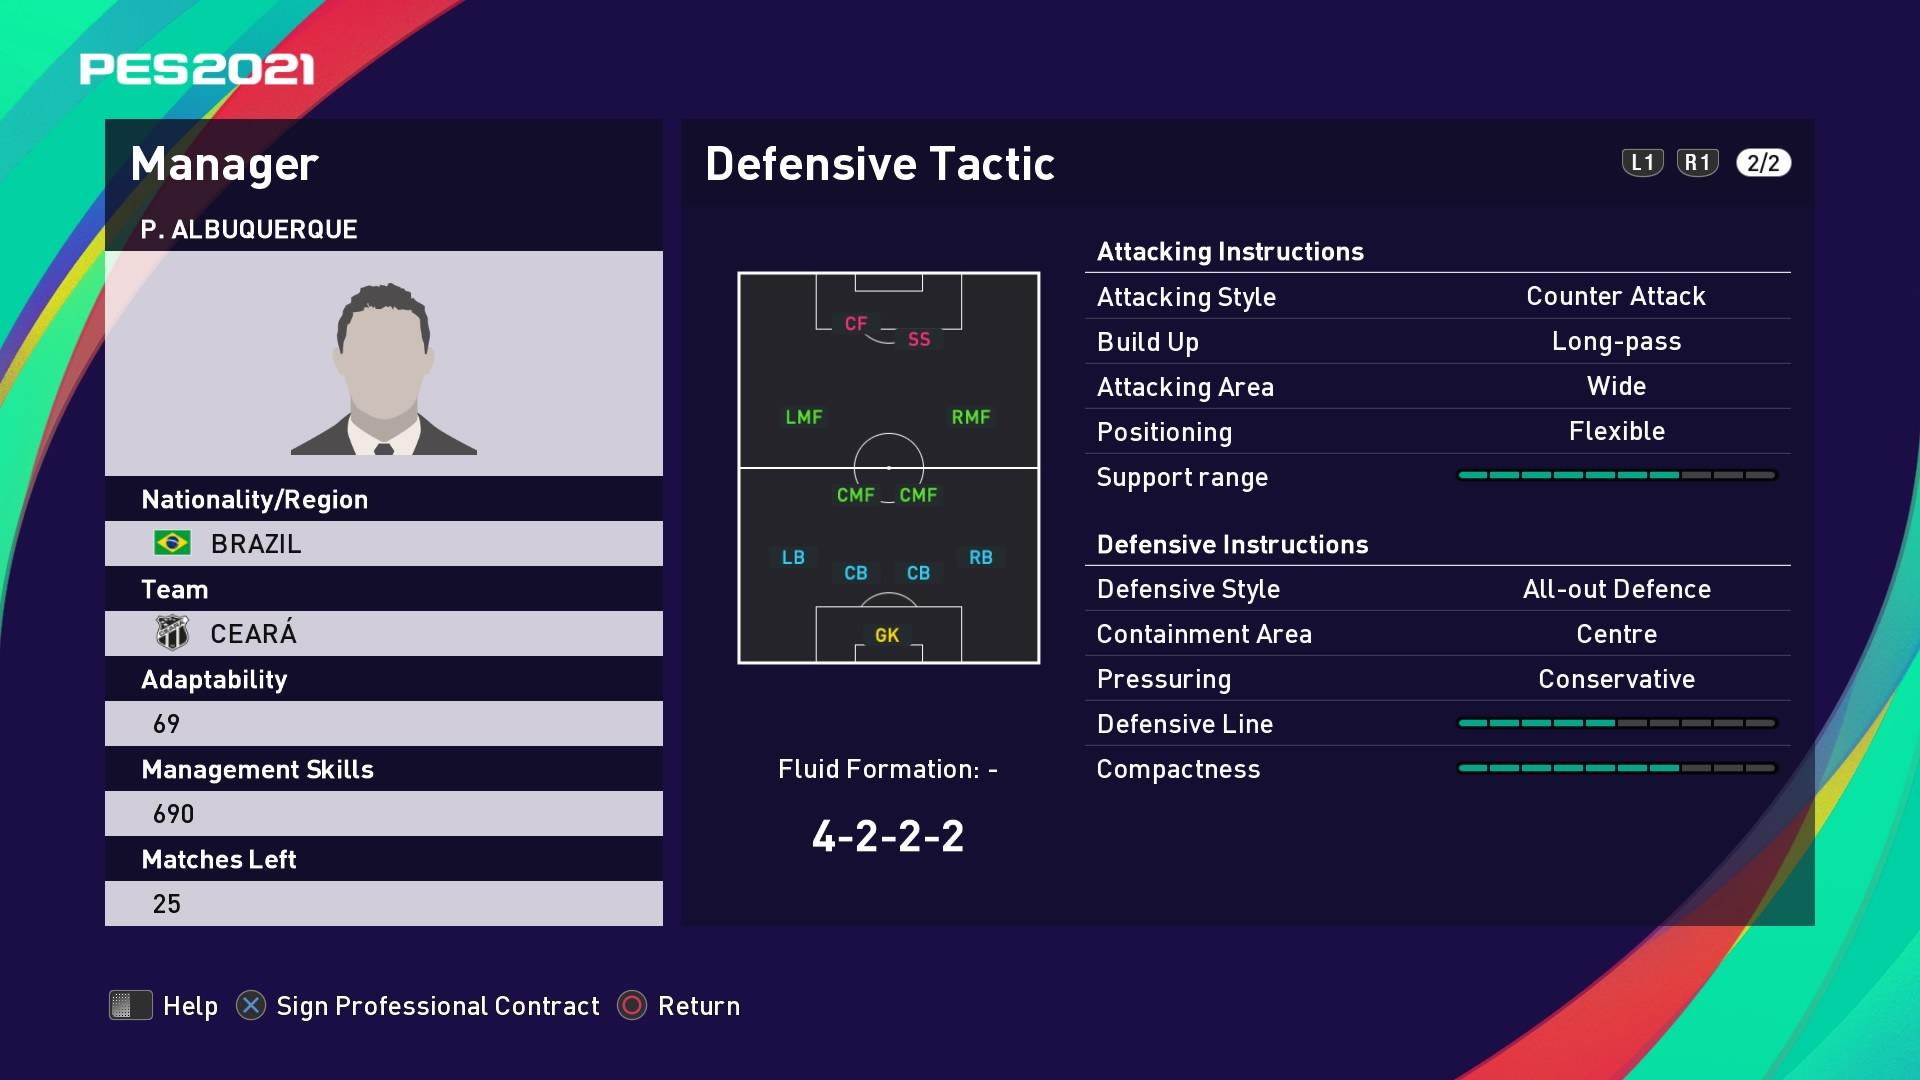 P. Albuquerque (Guto Ferreira) Defensive Tactic in PES 2021 myClub